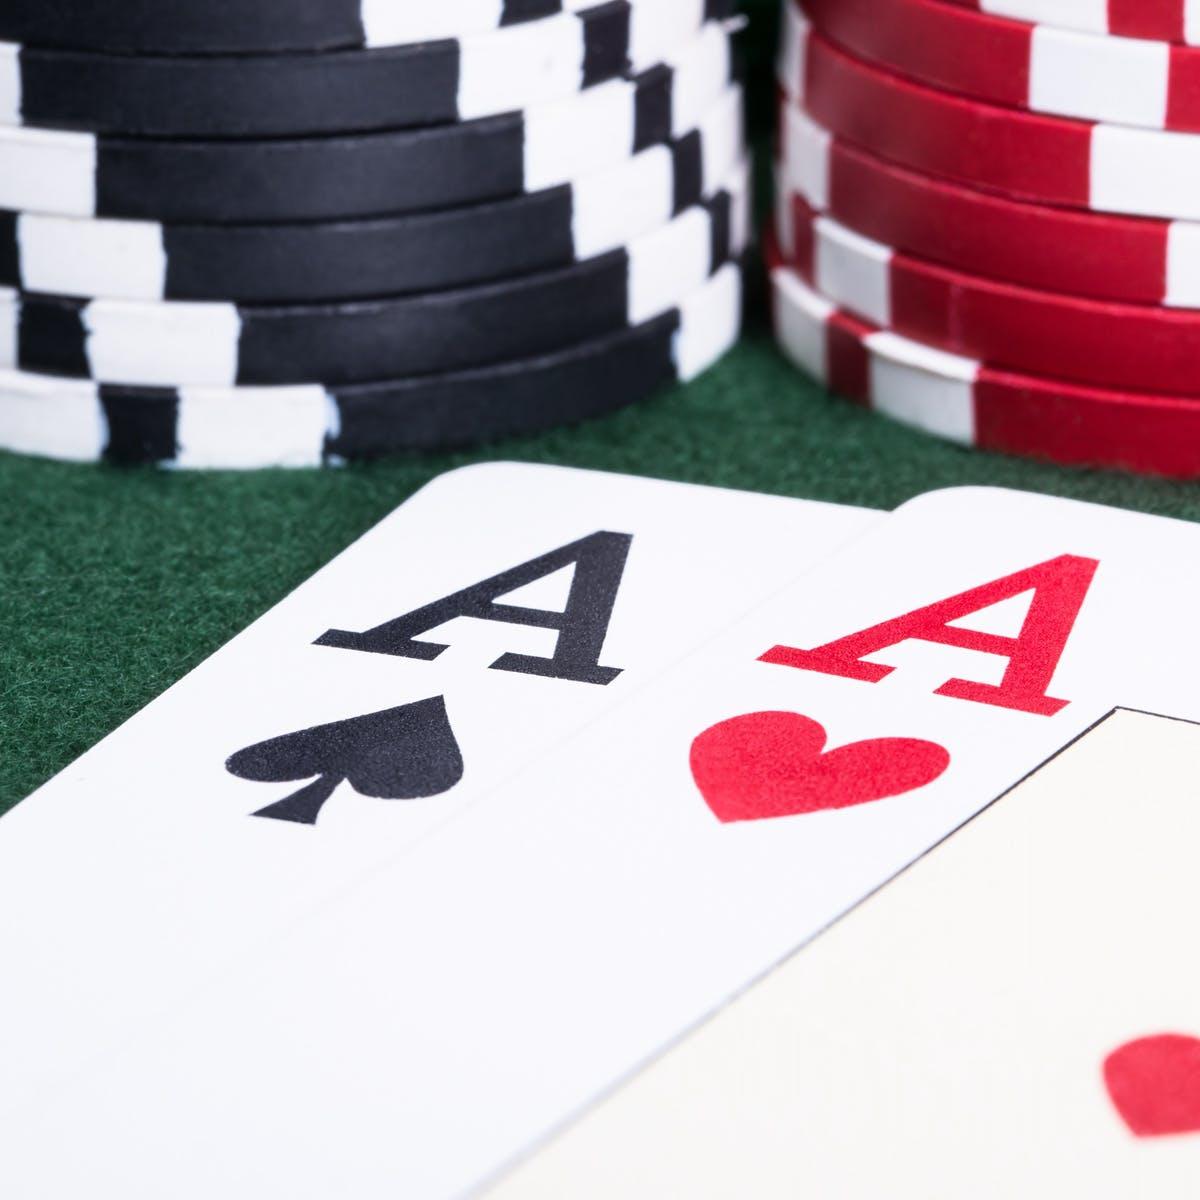 Play Like Poker Champion